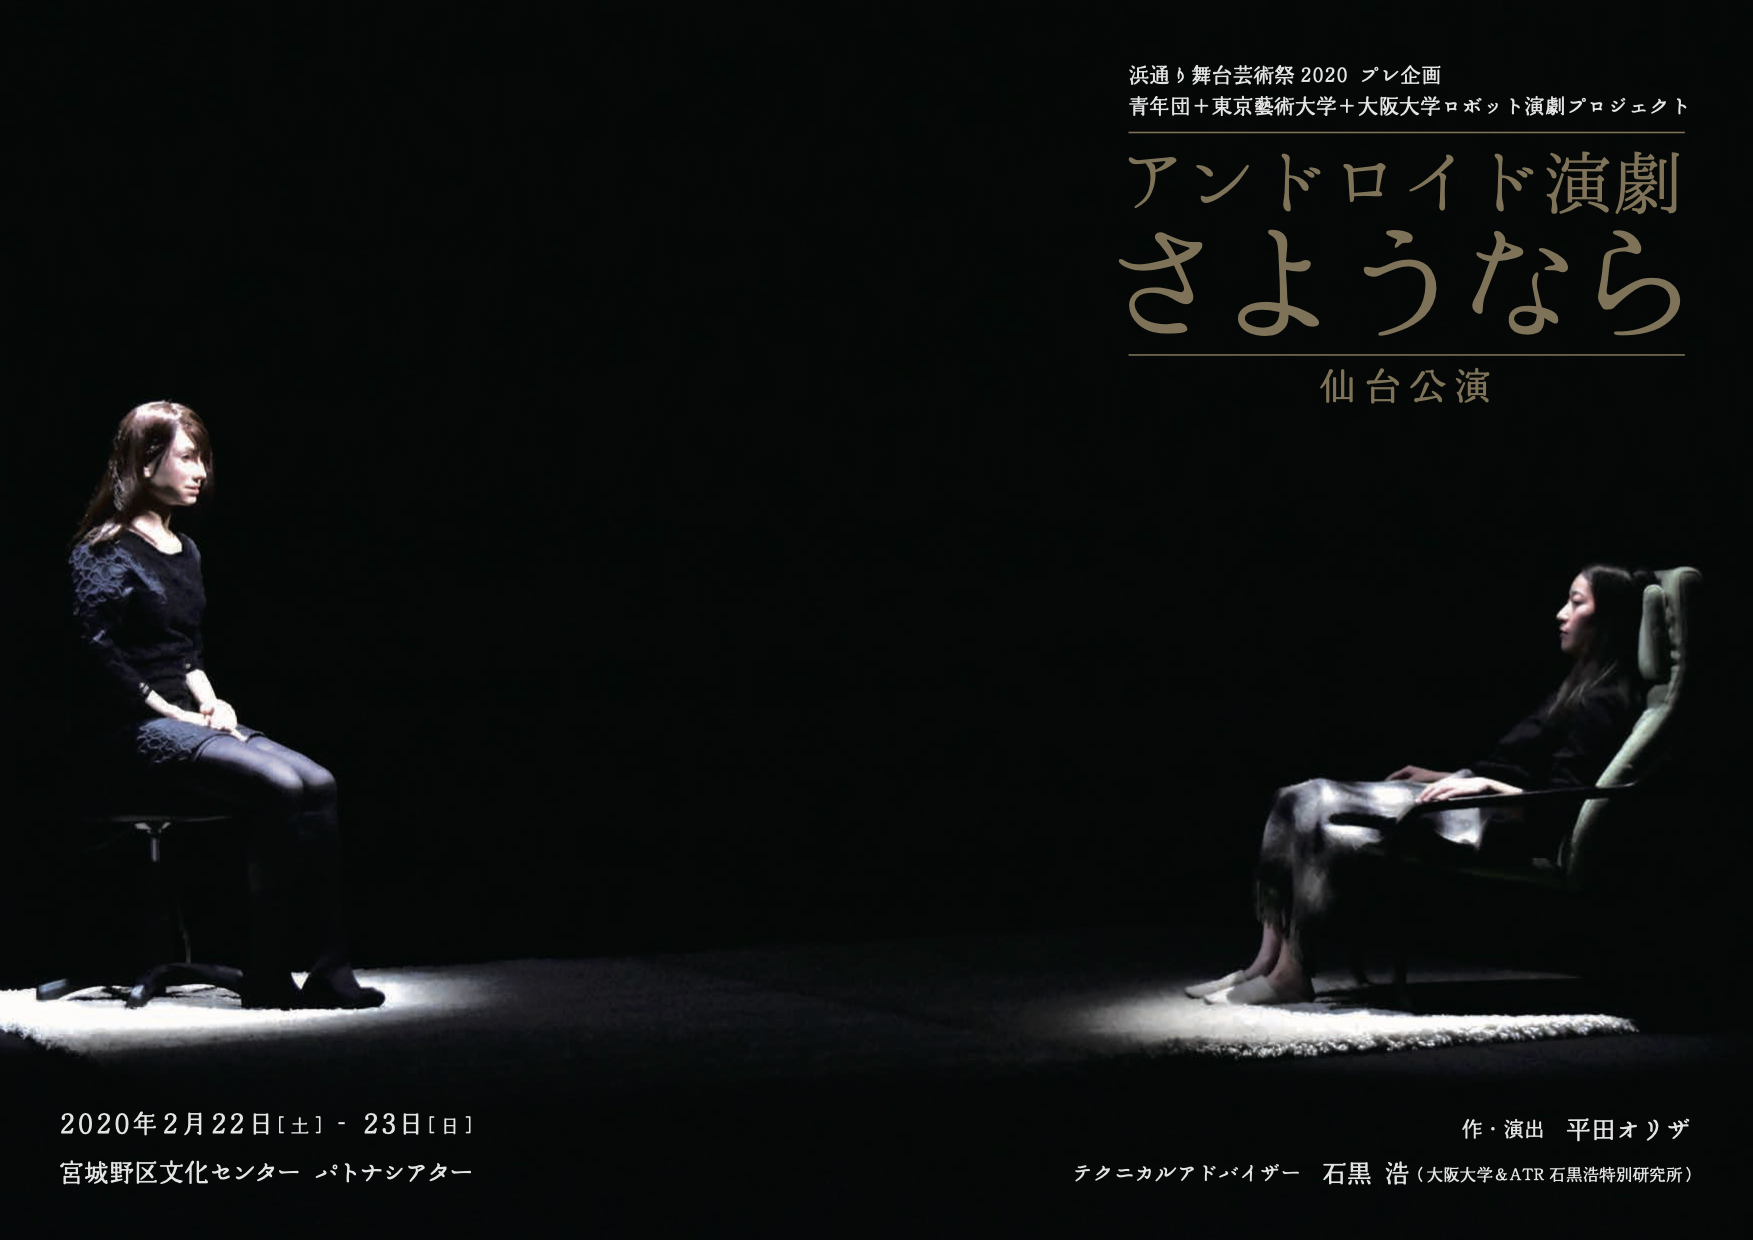 アンドロイド演劇「さようなら」仙台公演 2月23日(日) 14:00の回